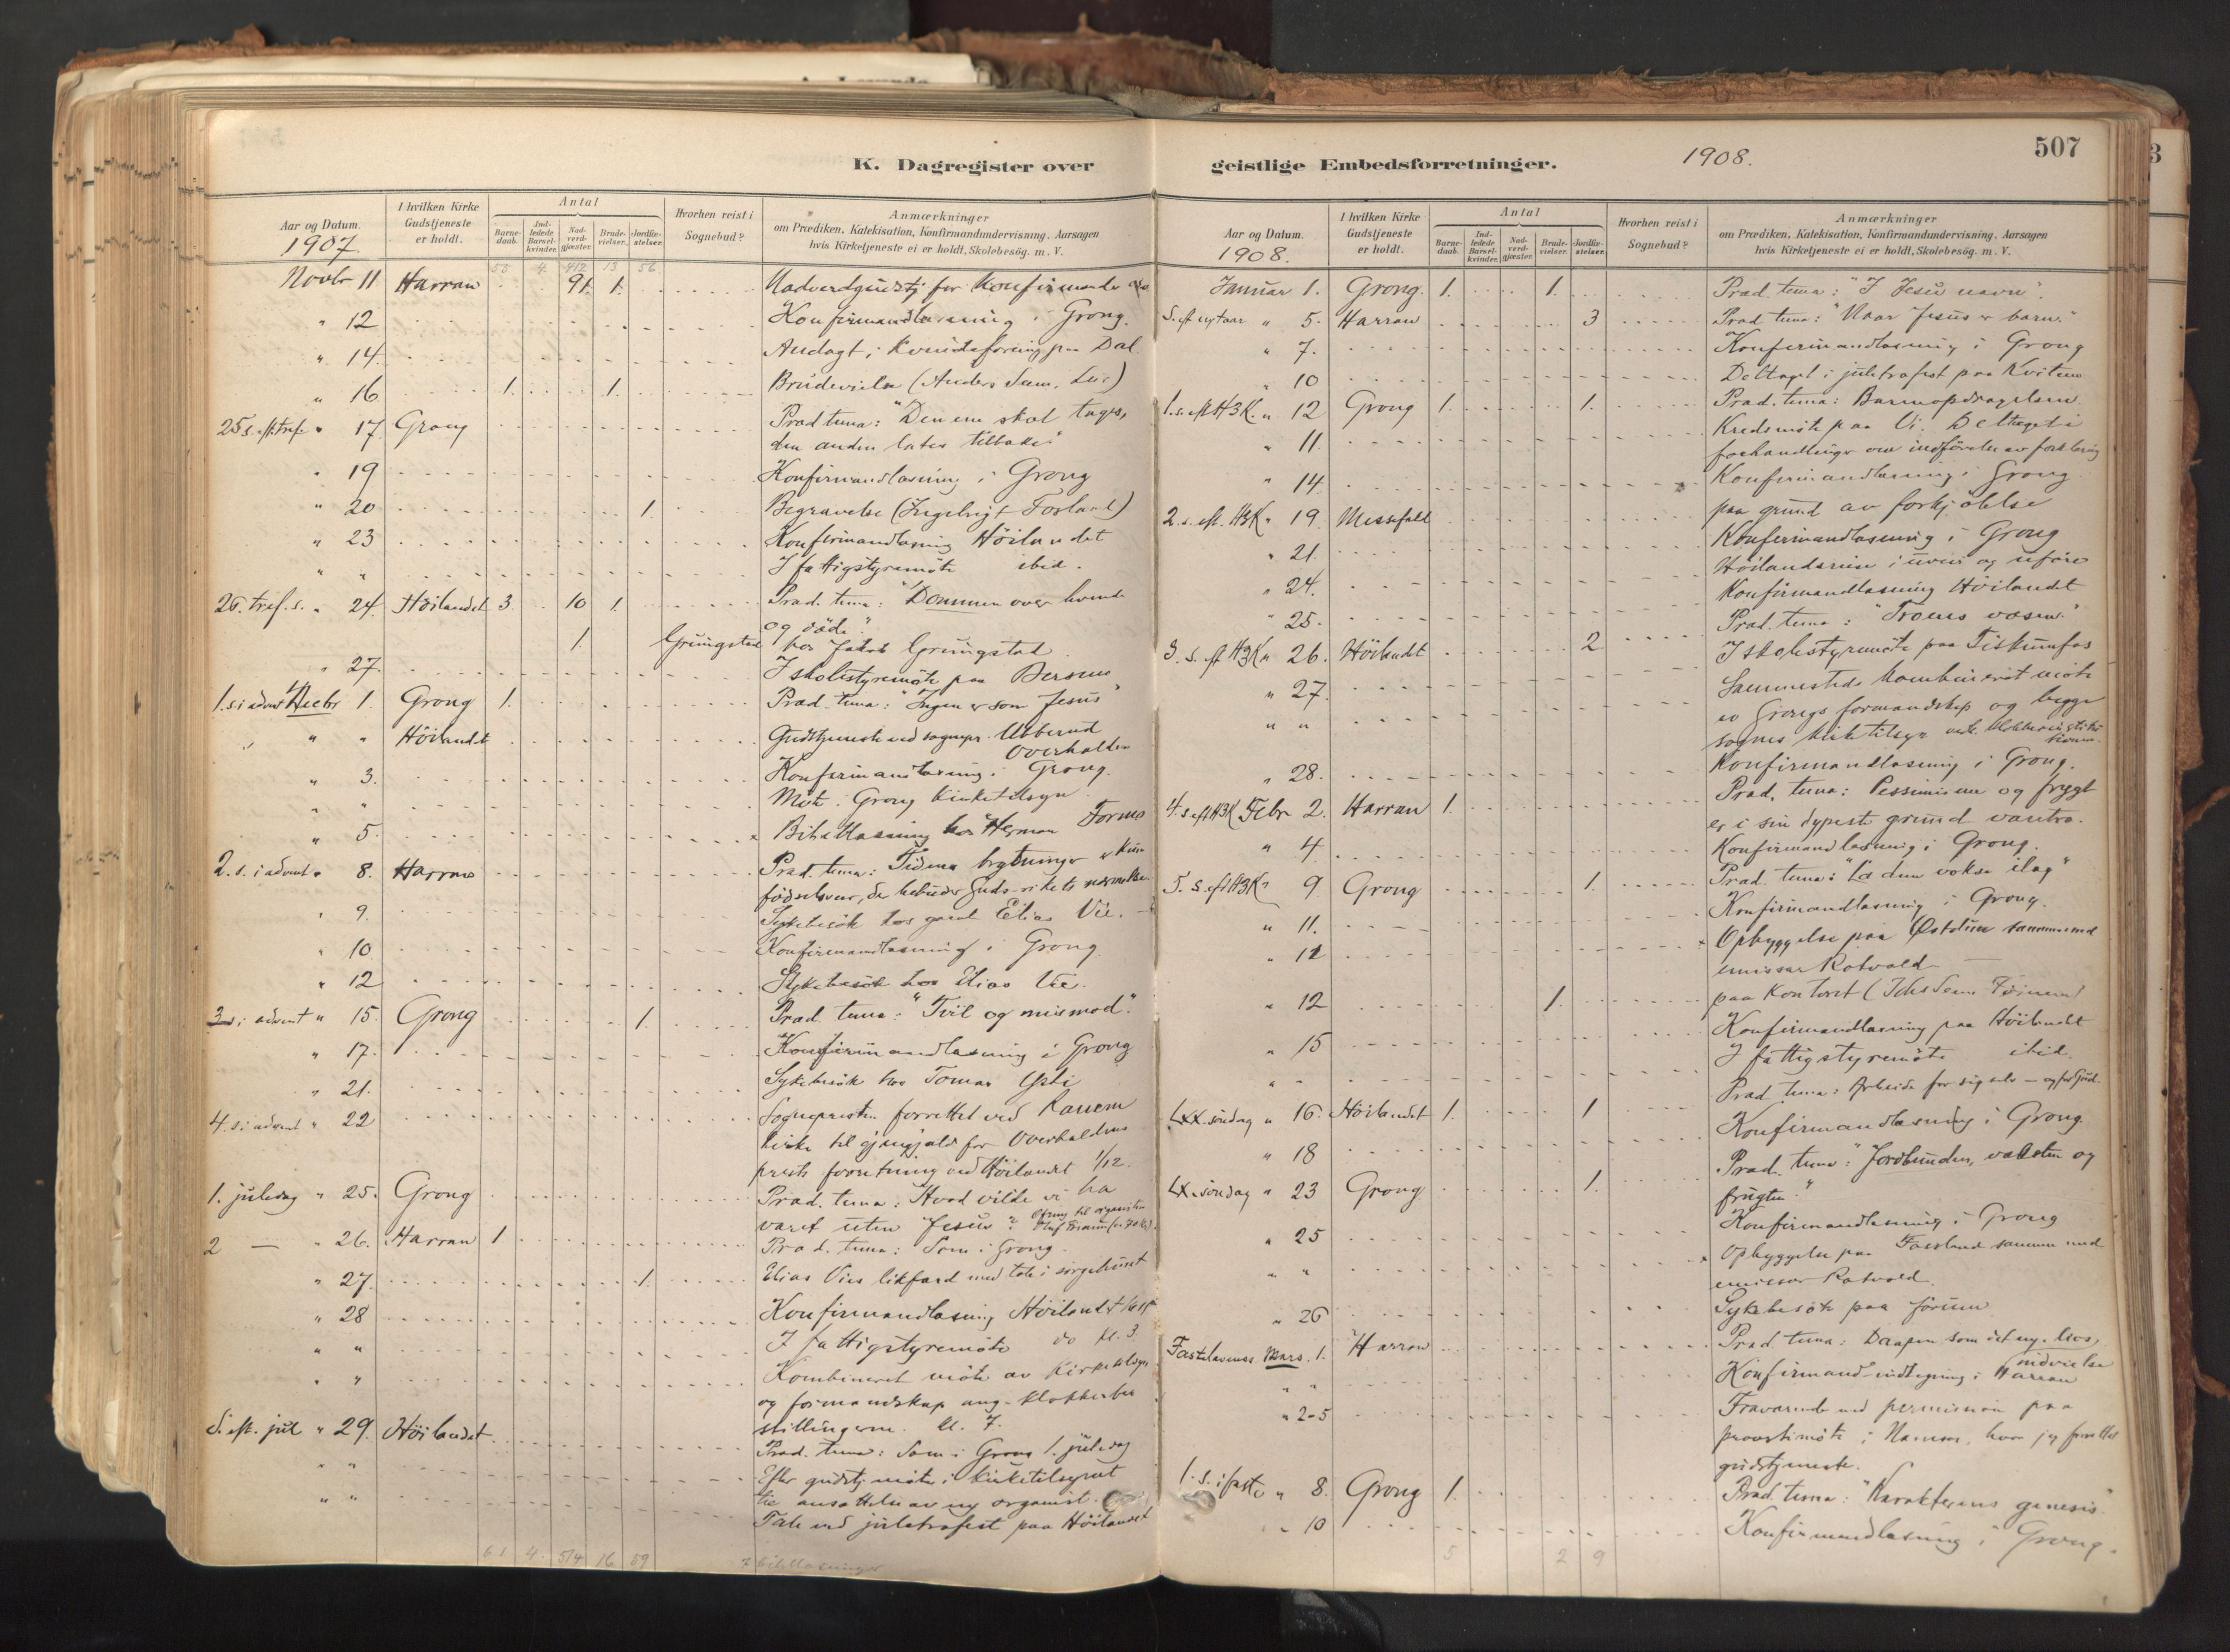 SAT, Ministerialprotokoller, klokkerbøker og fødselsregistre - Nord-Trøndelag, 758/L0519: Ministerialbok nr. 758A04, 1880-1926, s. 507